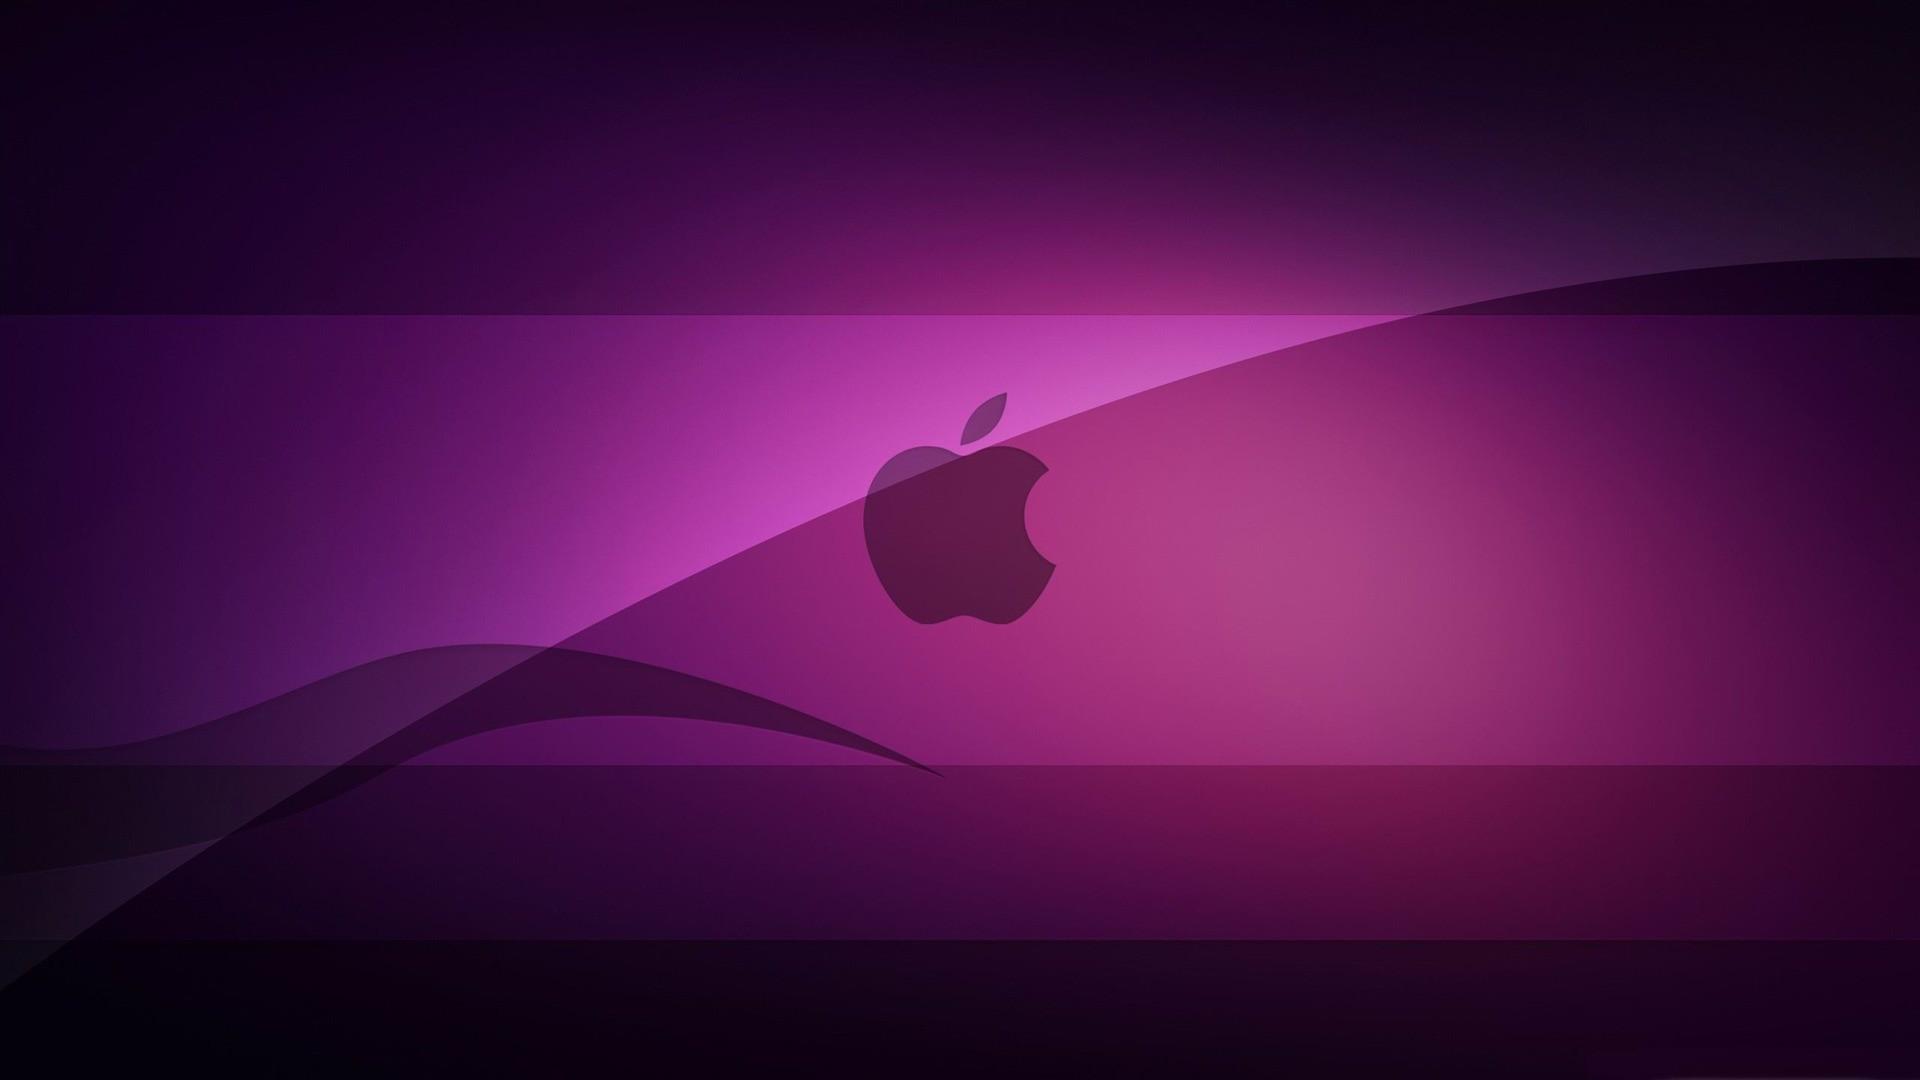 apple desktop wallpapers 183��